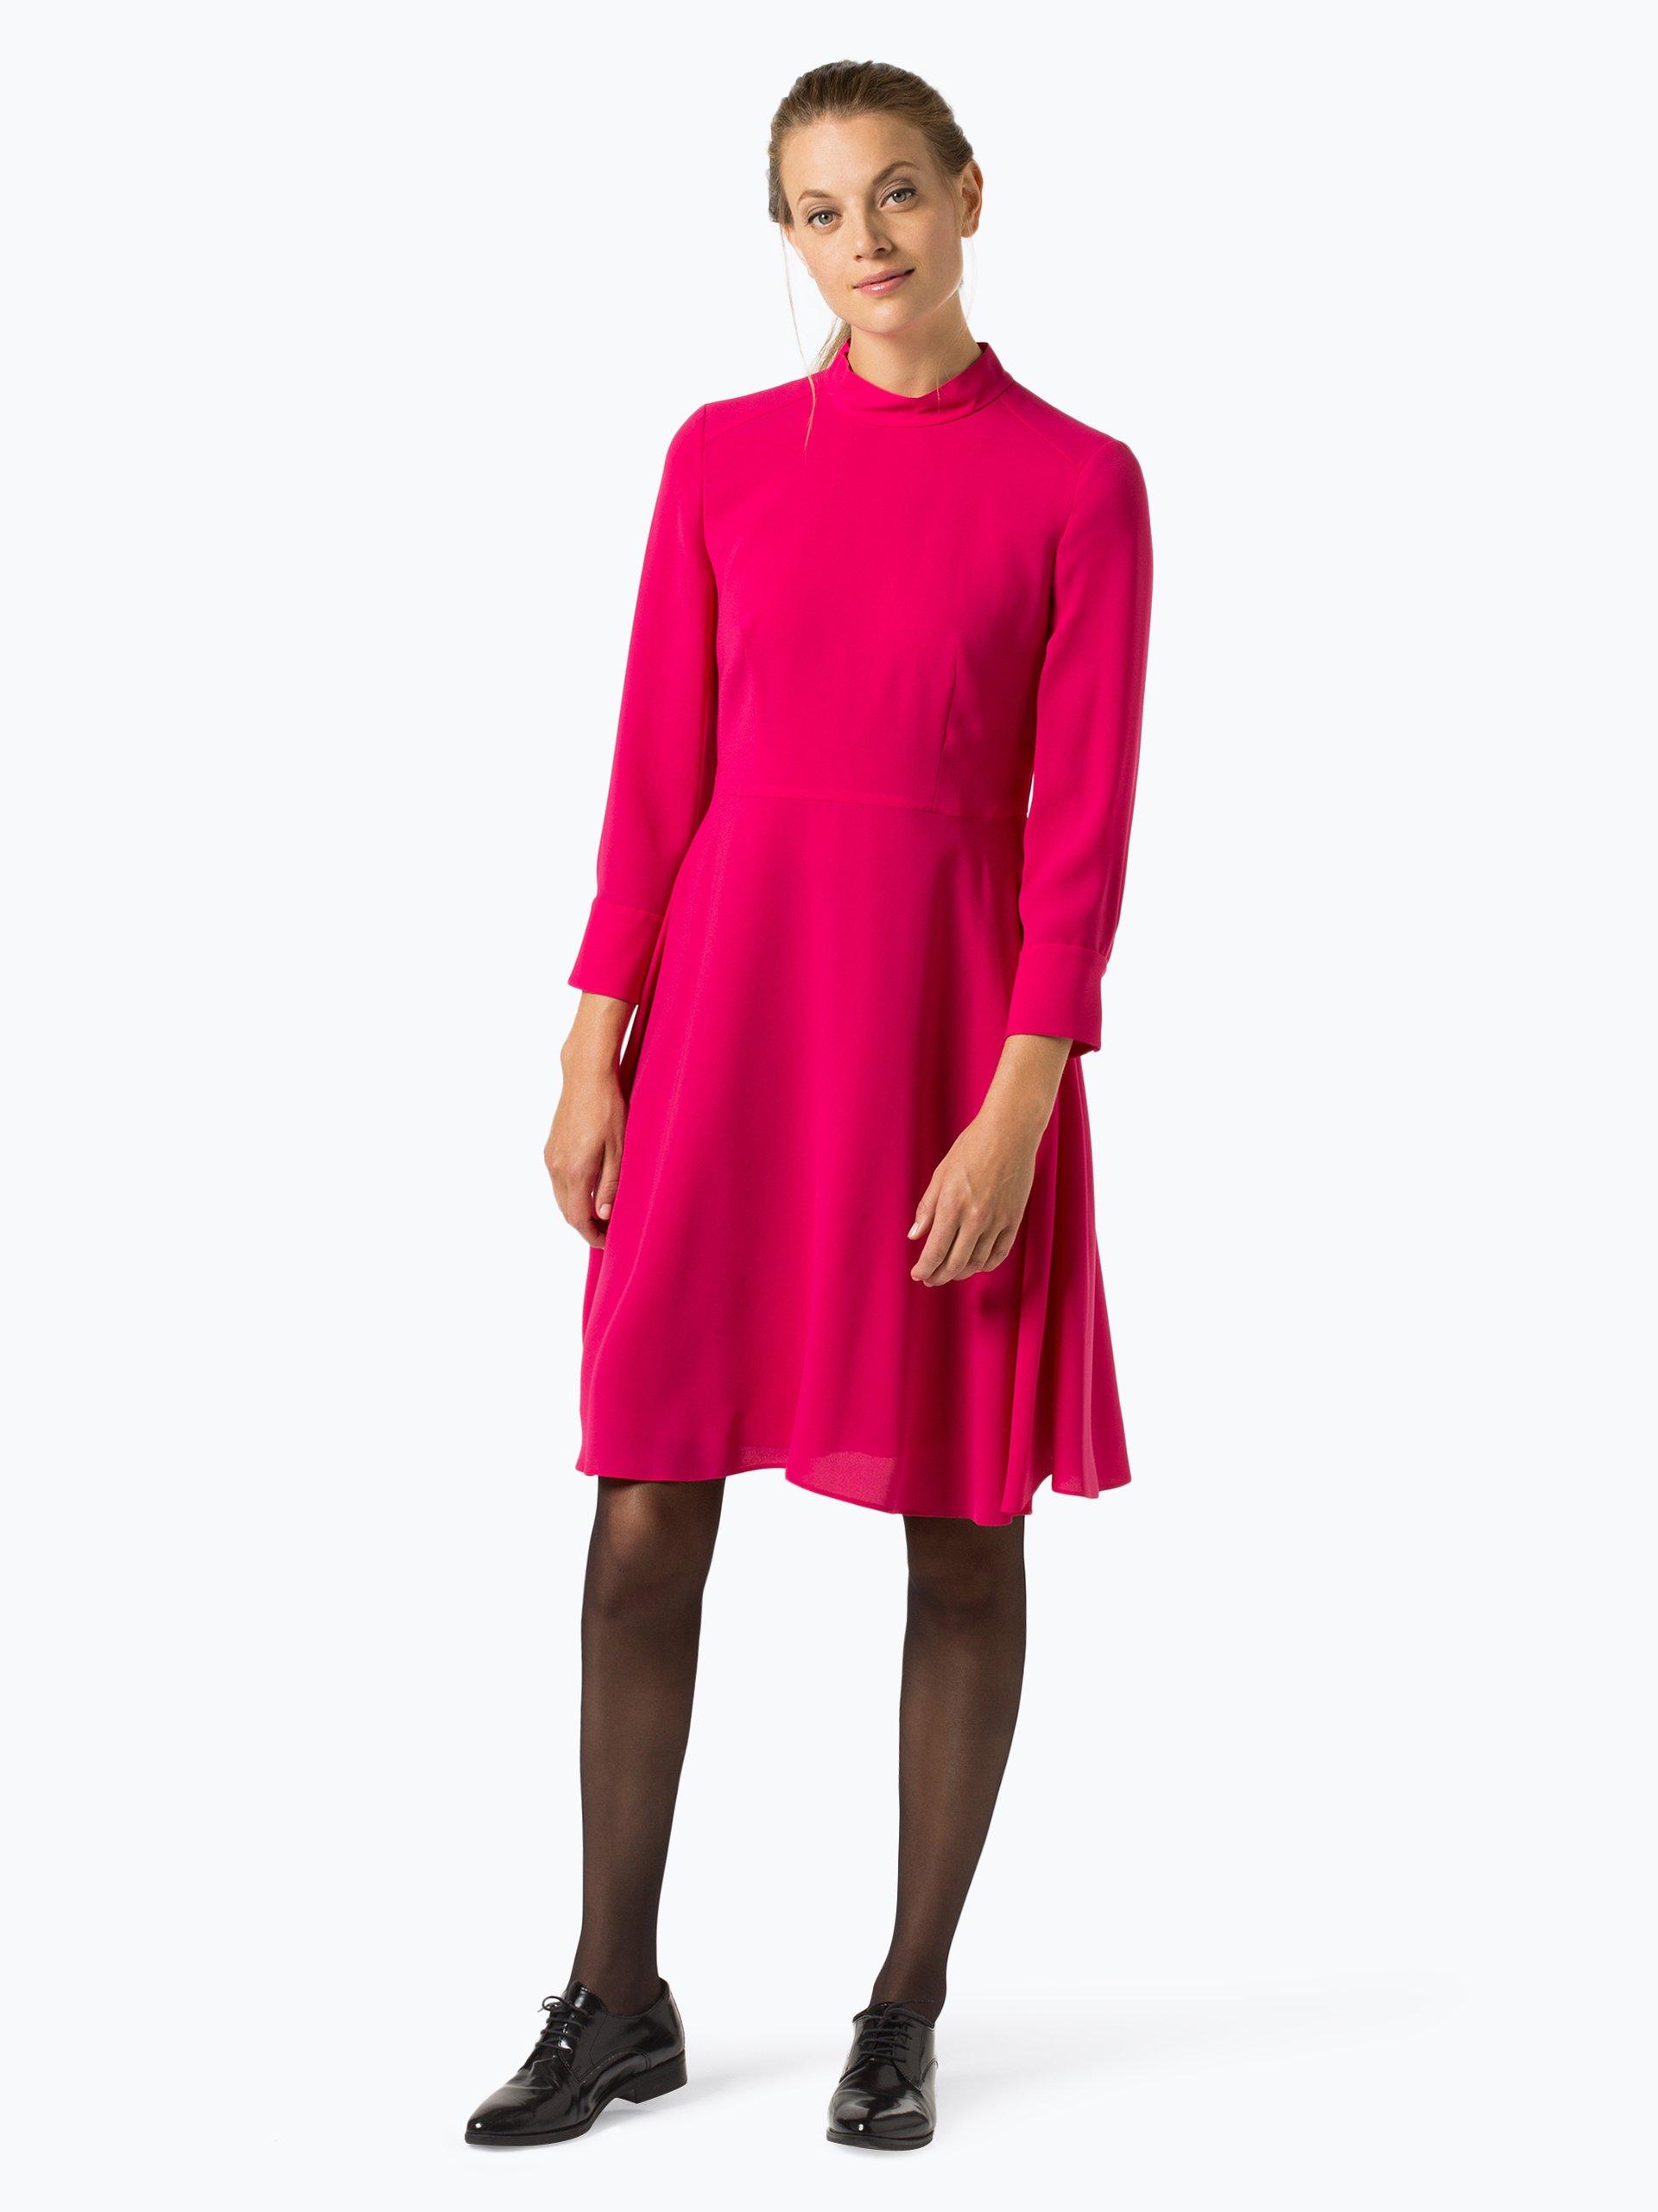 BOSS Damen Kleid - Hapinia1